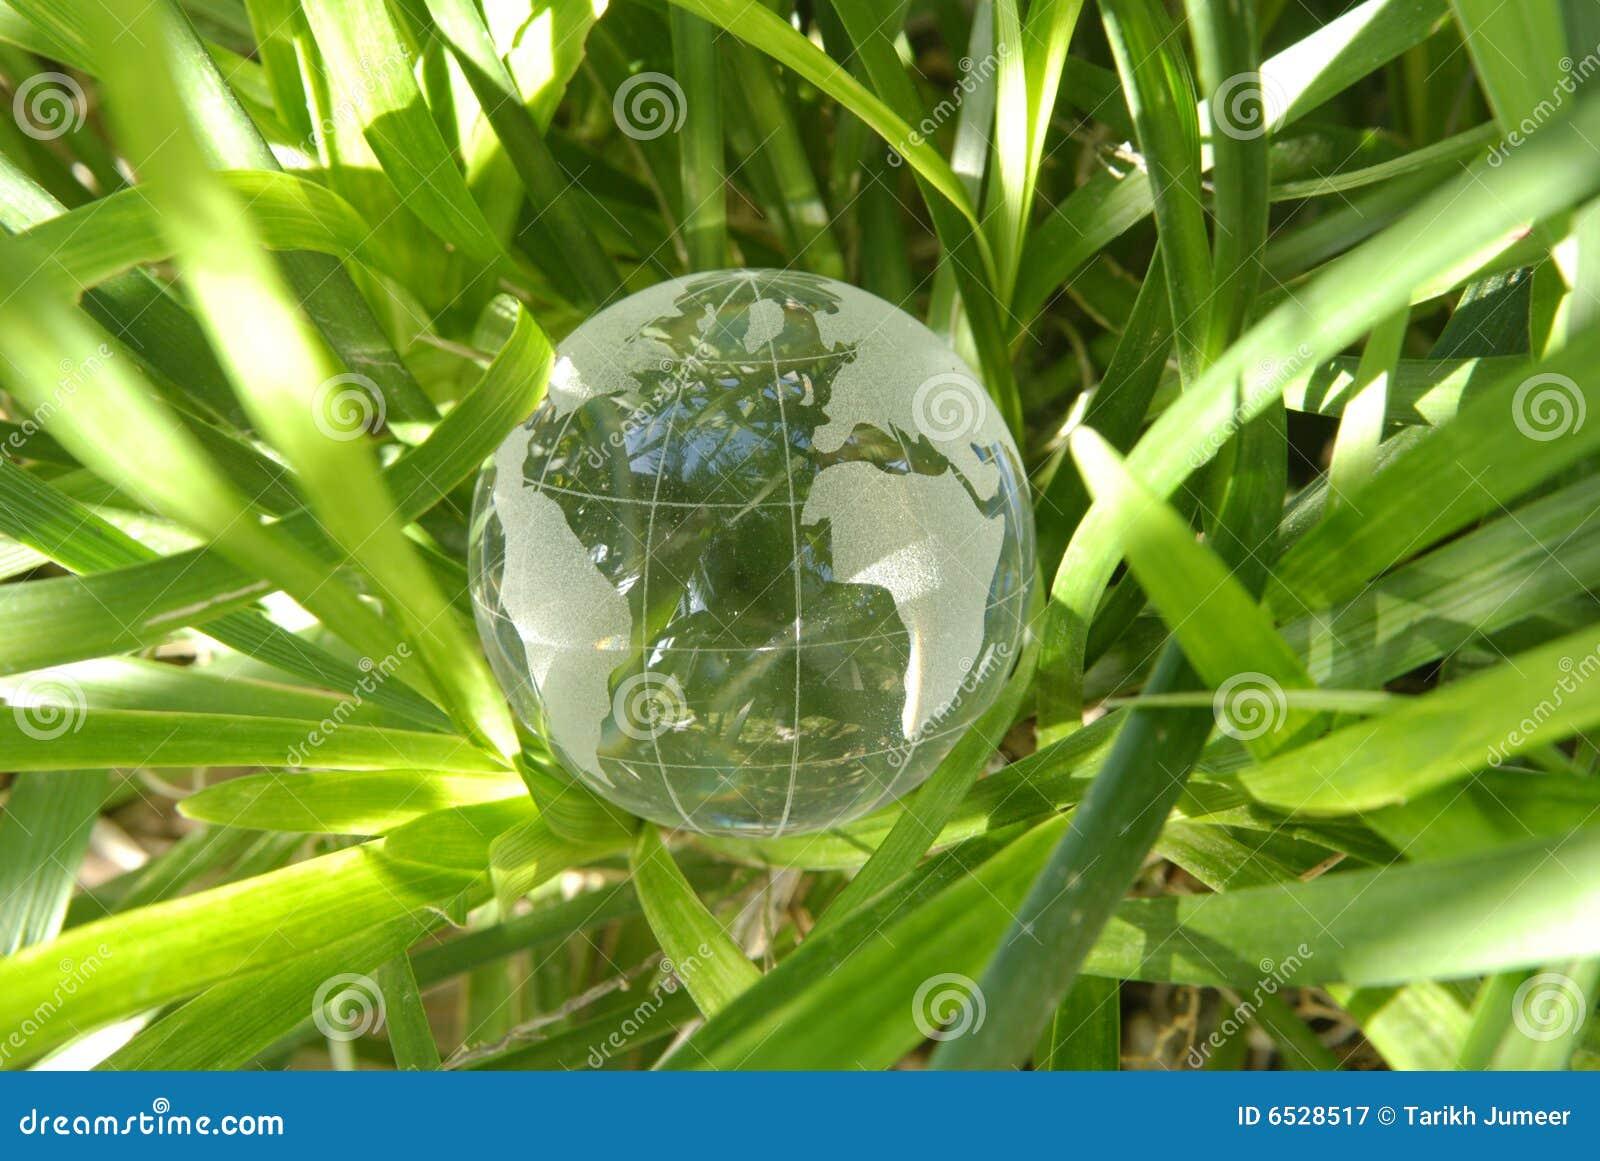 Narastający glebowy świat